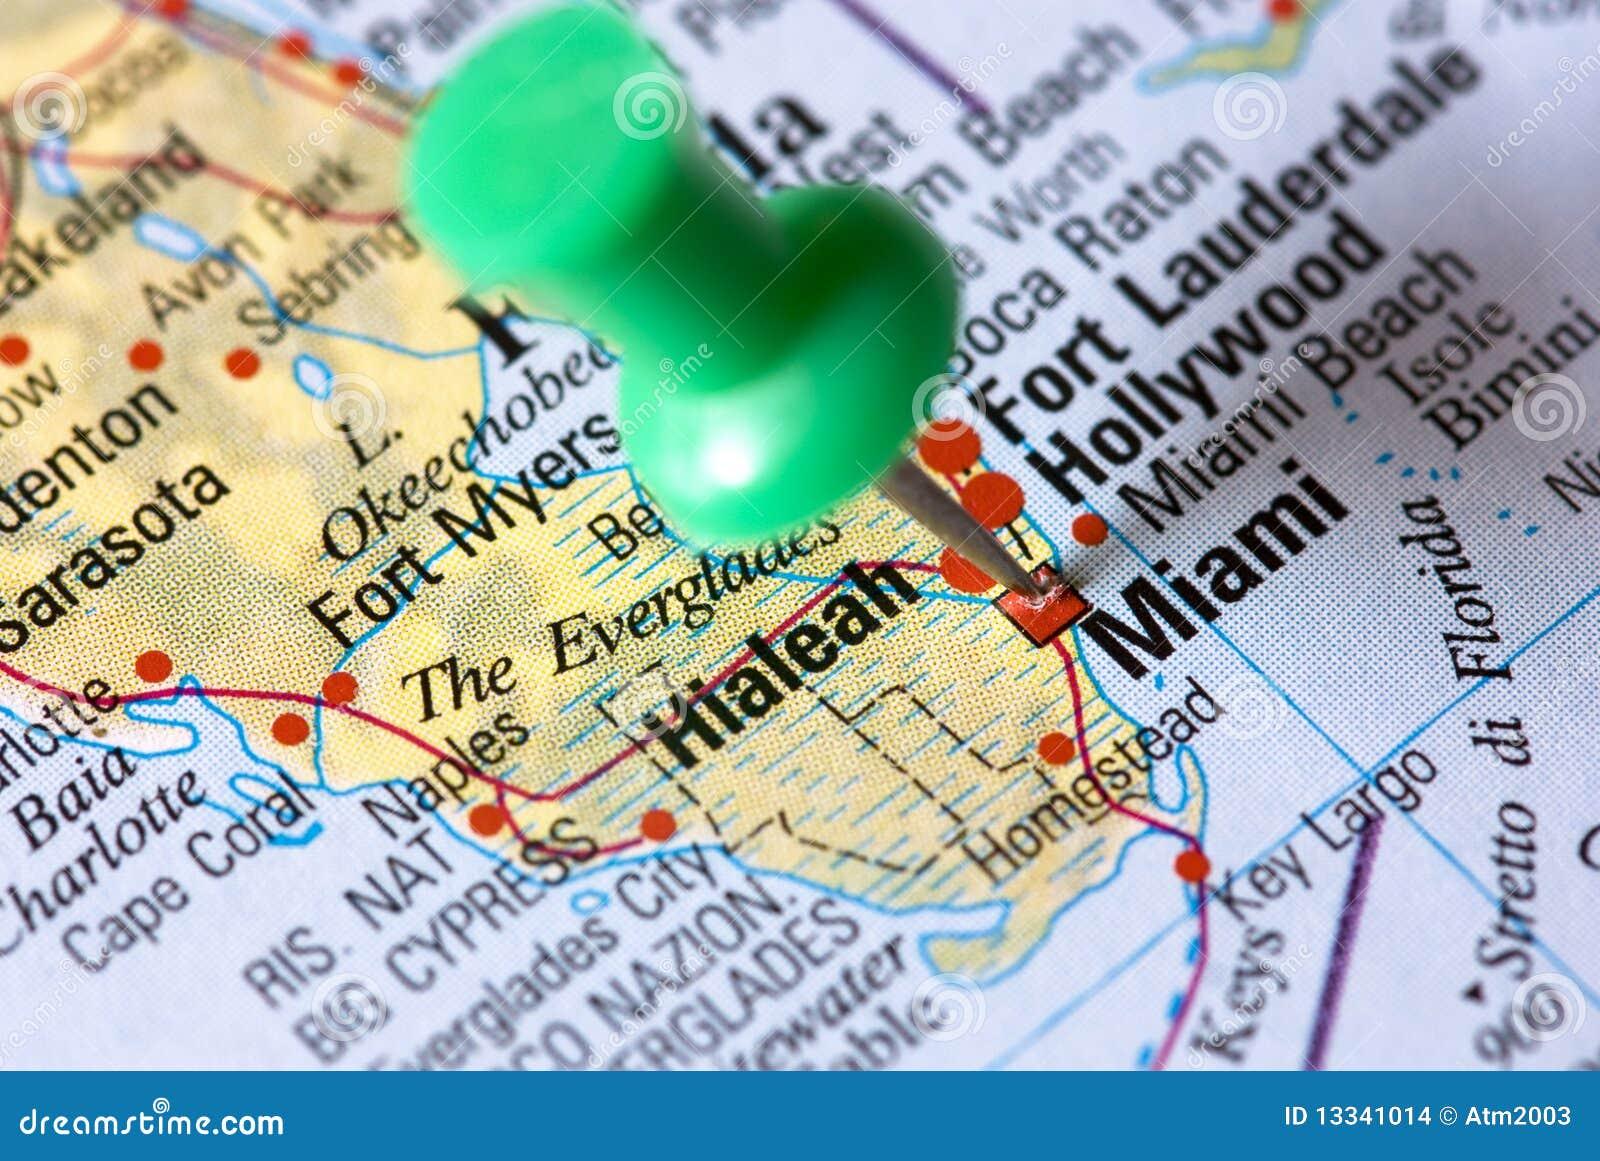 miami - florida - no mapa foto de stock. imagem de guia